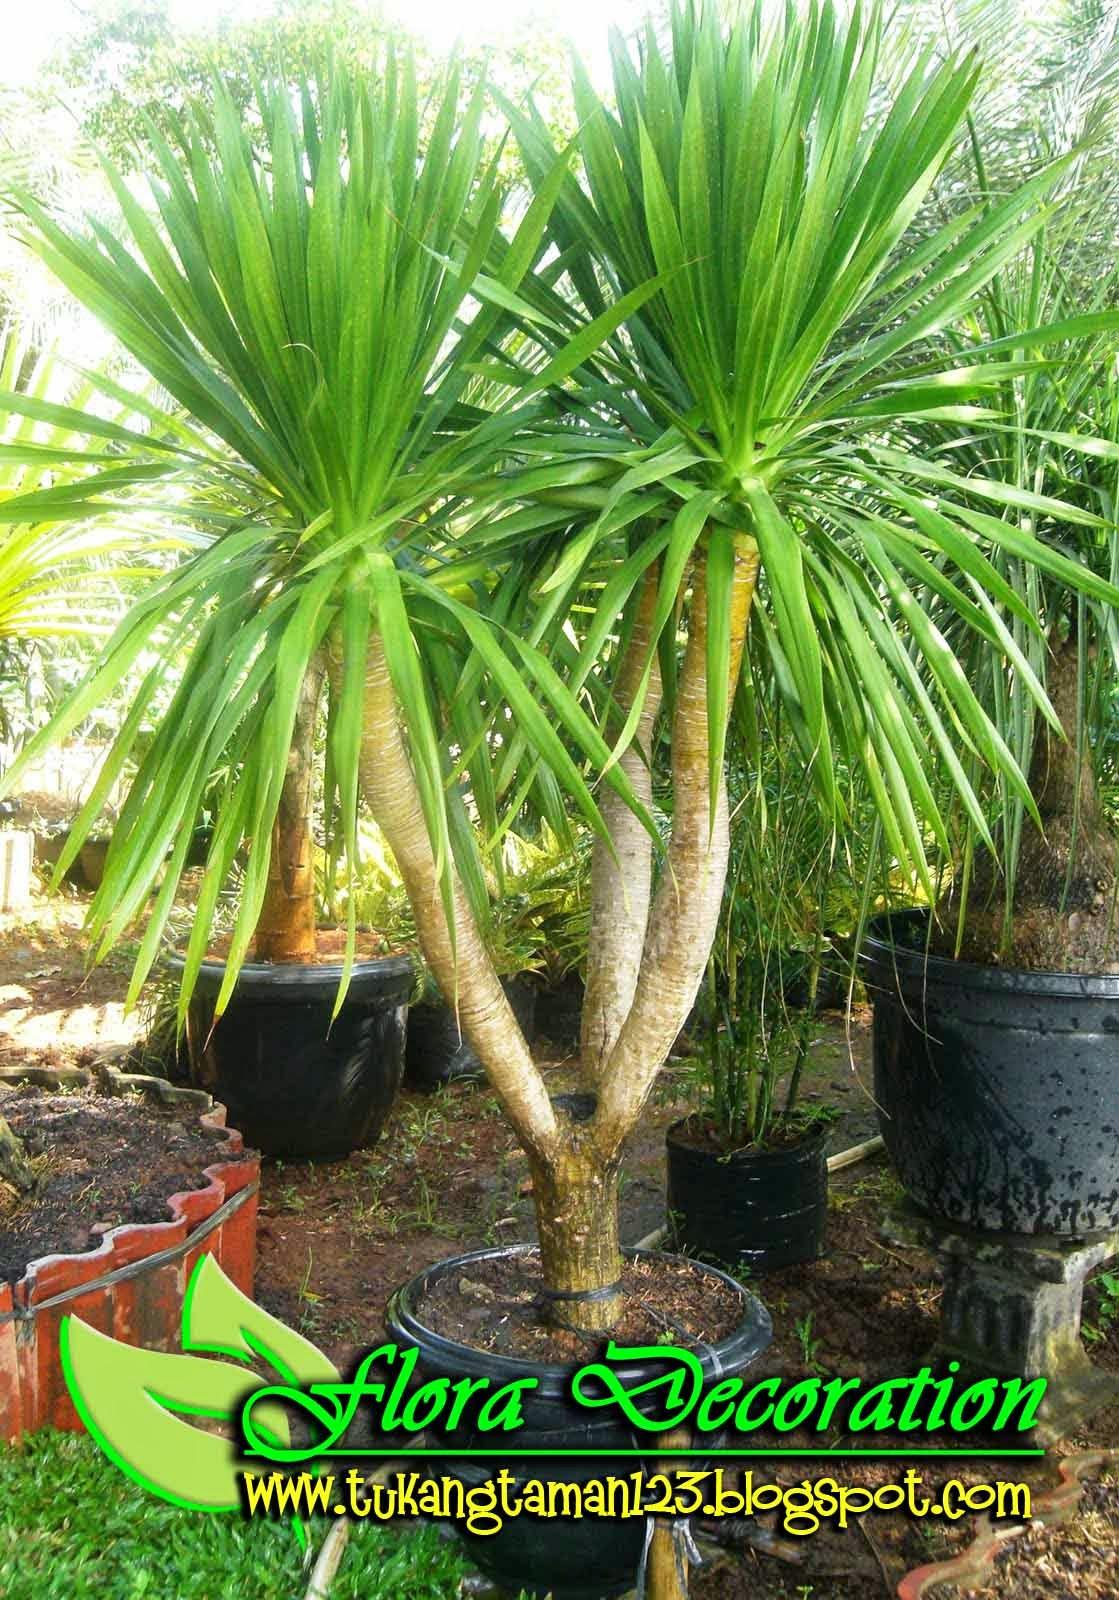 Harga jual pohon pandan bali cabang murah